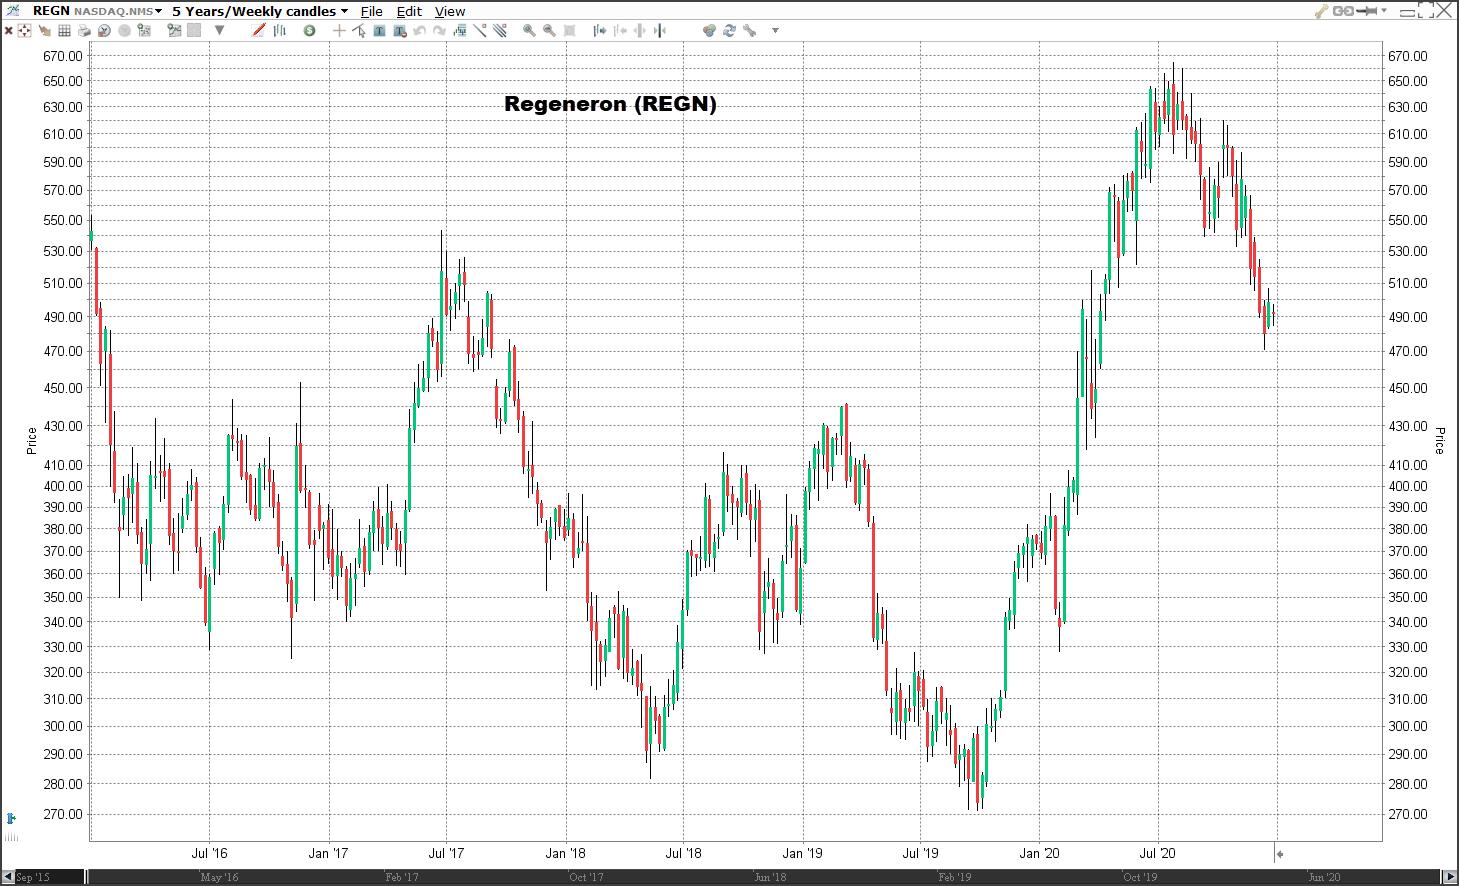 Aandeel Regeneron koers   Welke aandelen kopen 2021?